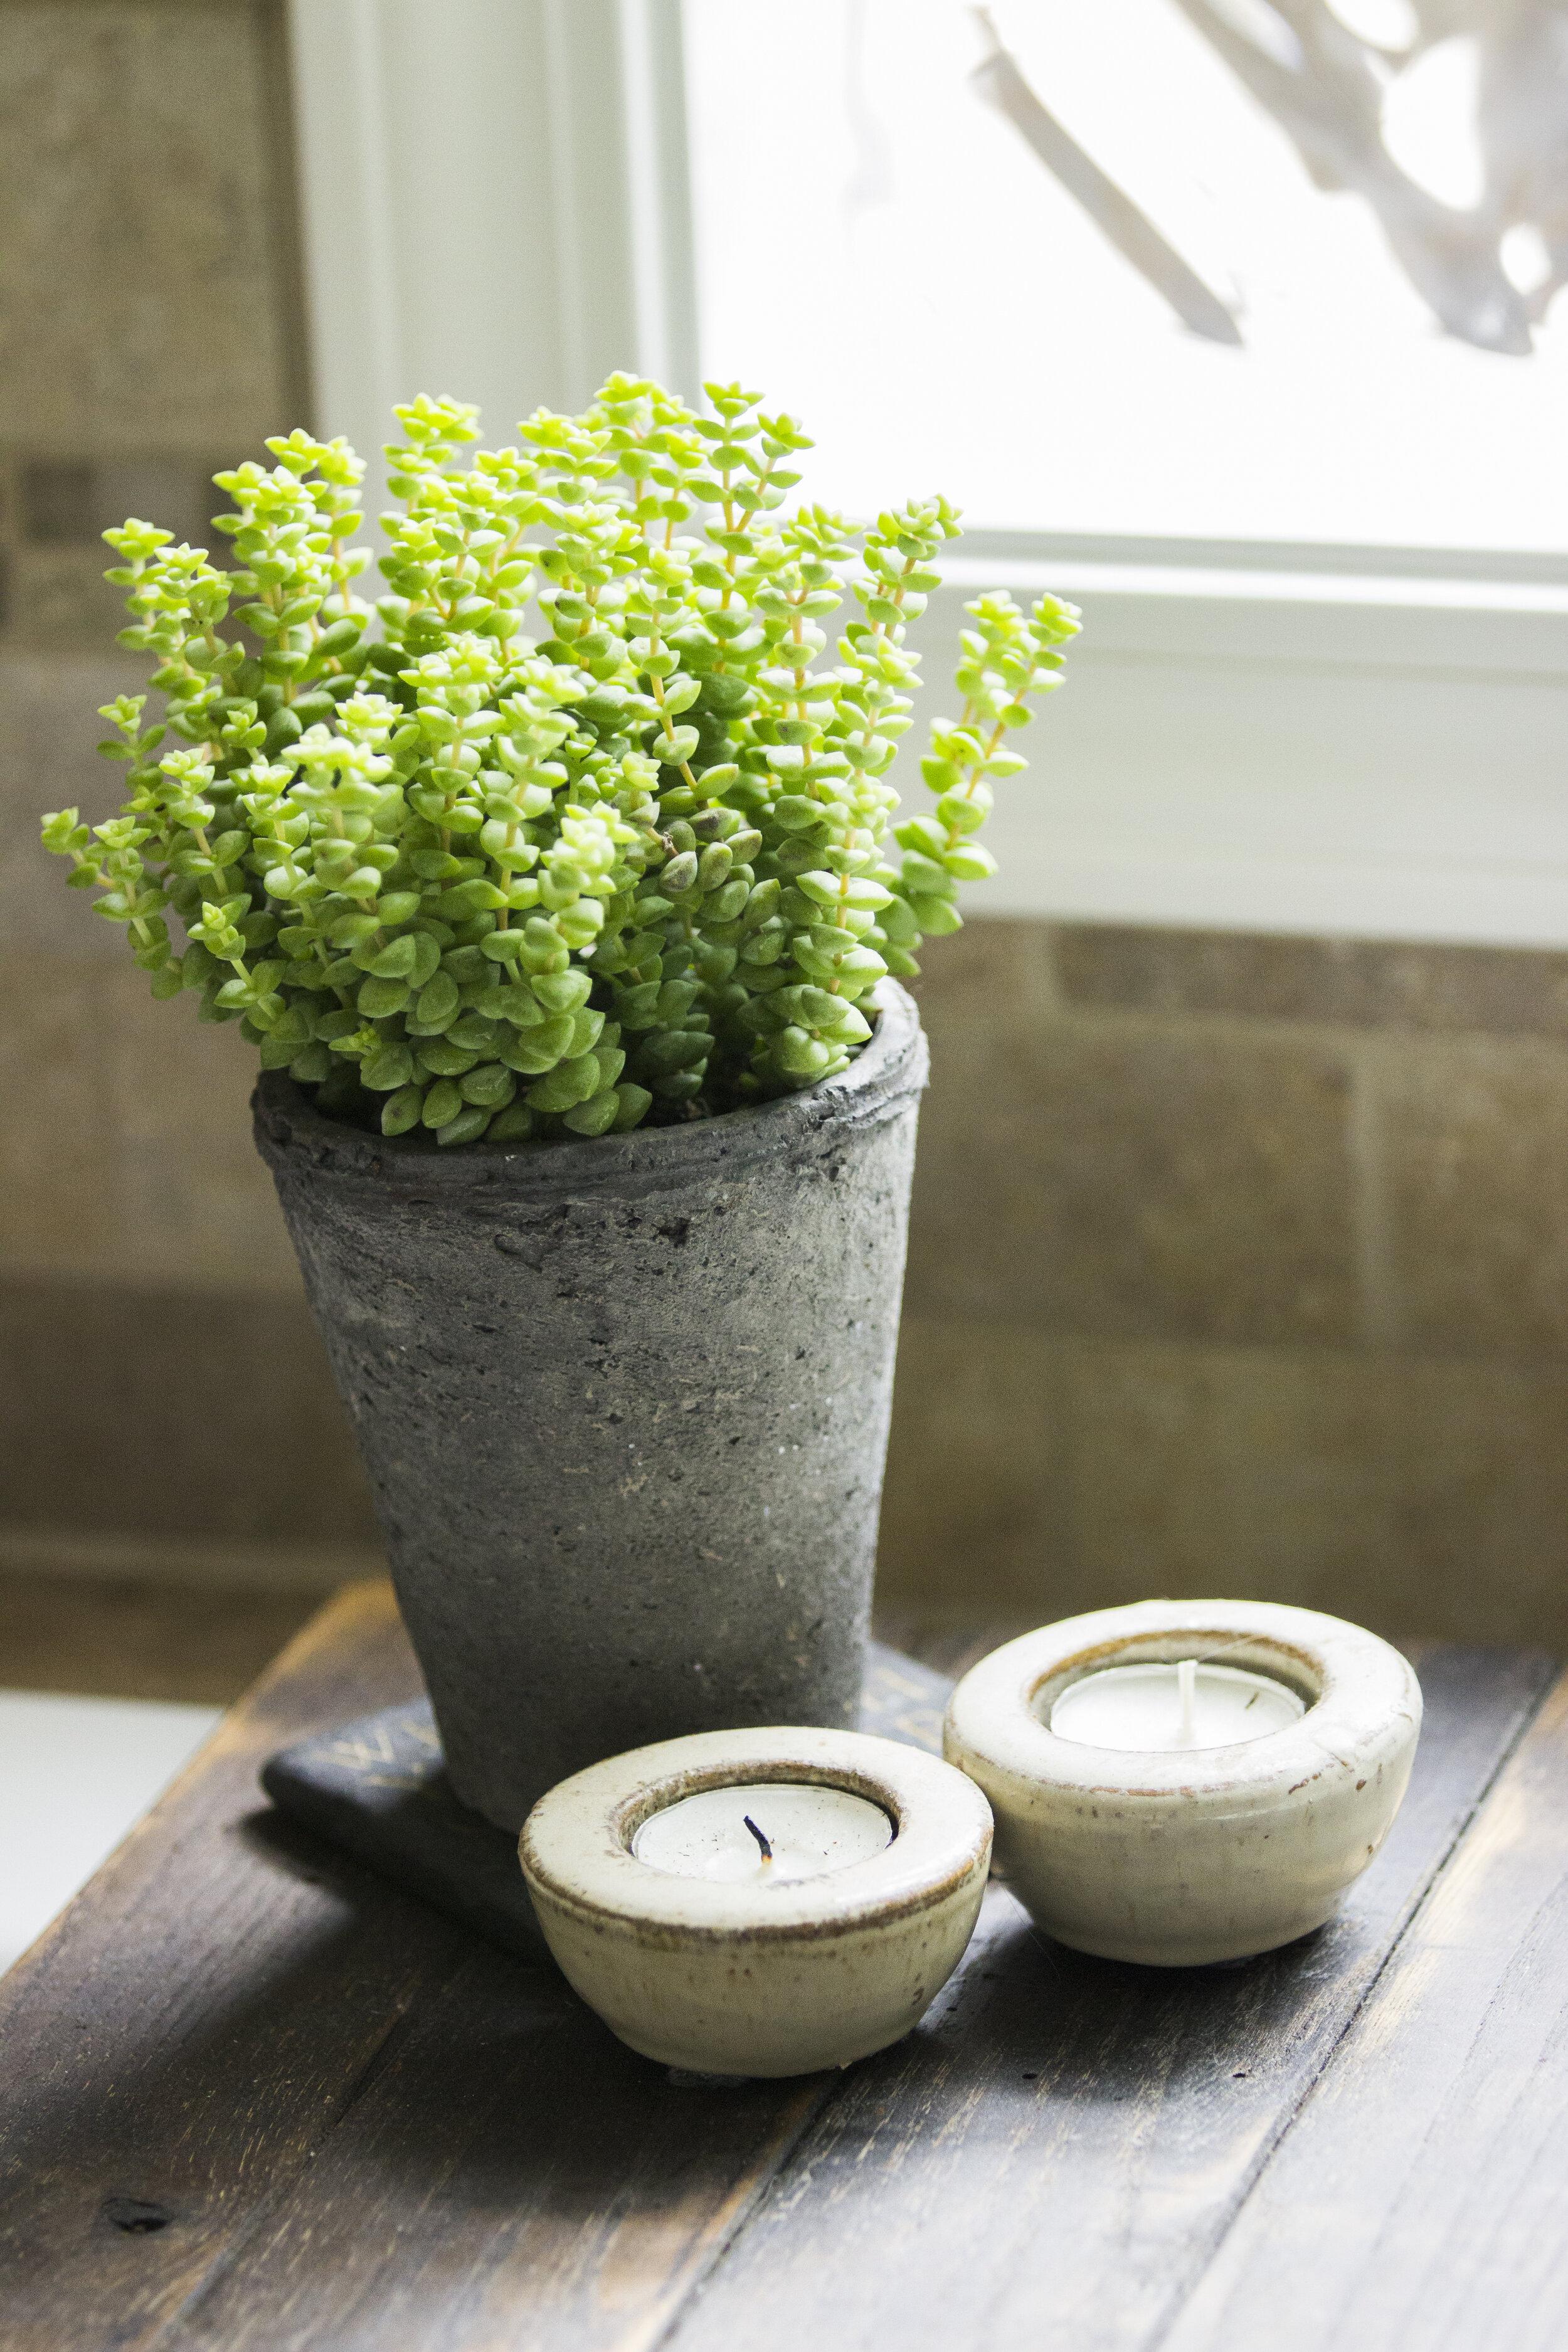 Plant on bathroom window sill.